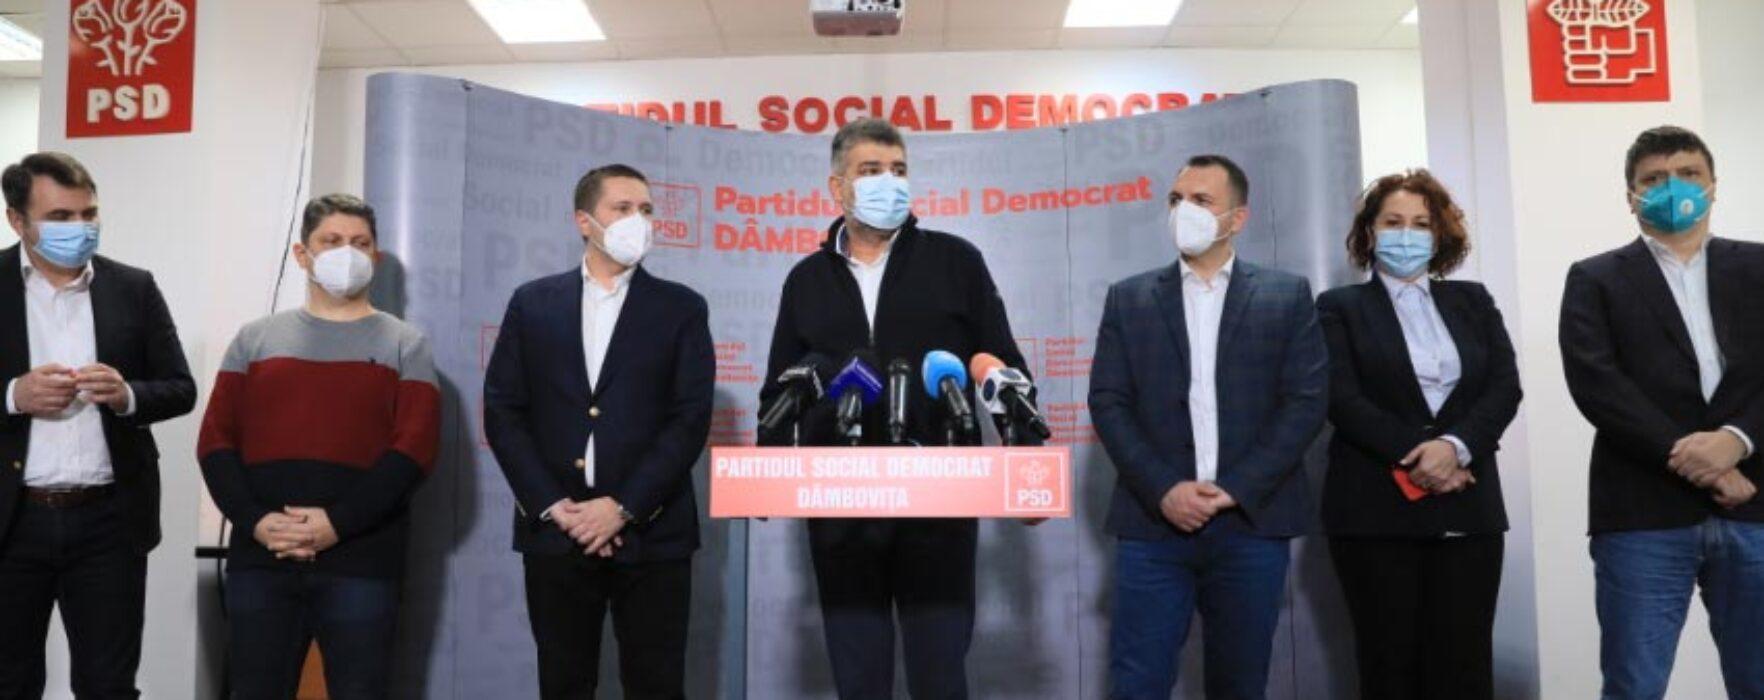 Ciolacu, întrebat la Târgovişte dacă are sentimentul că PSD mimează Opoziţia: PSD este în minoritate în Parlament